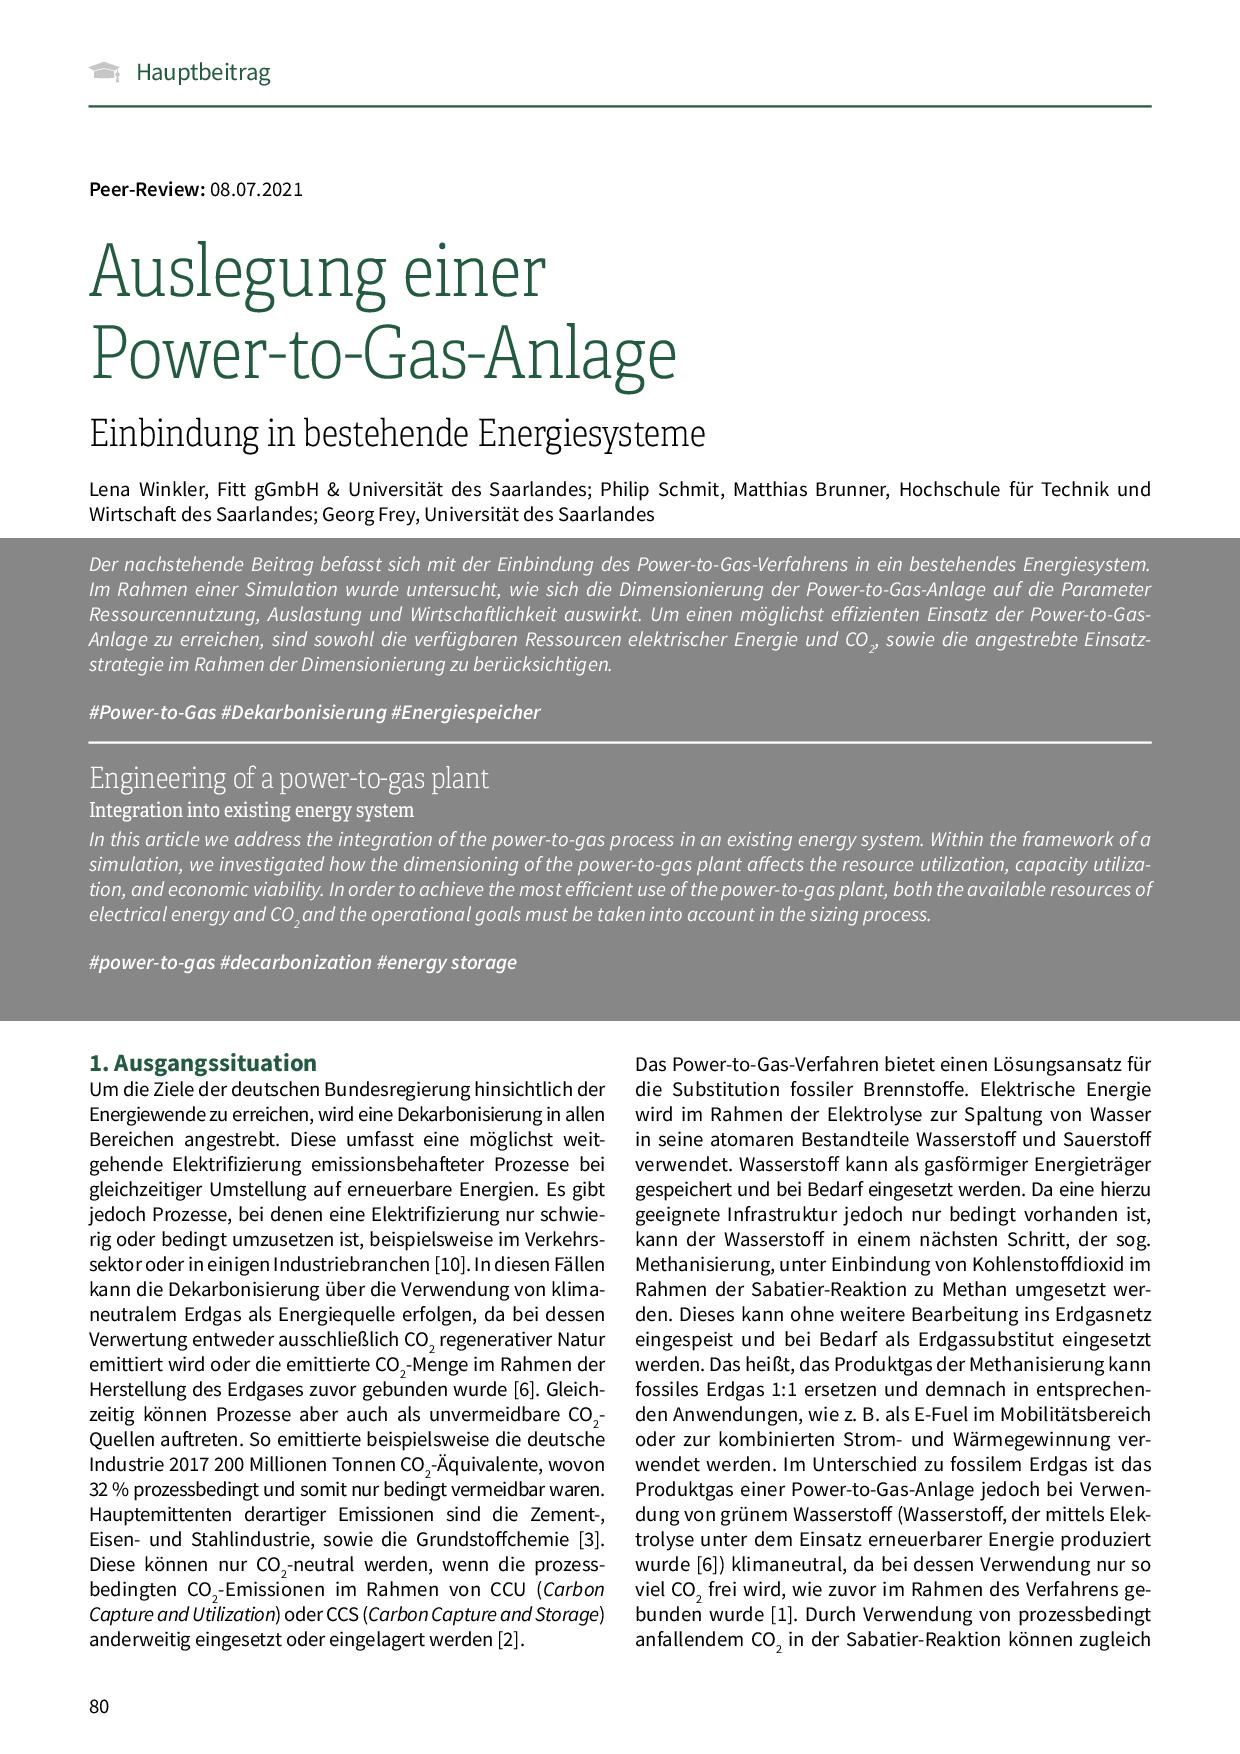 Security Awareness für den Mittelstand